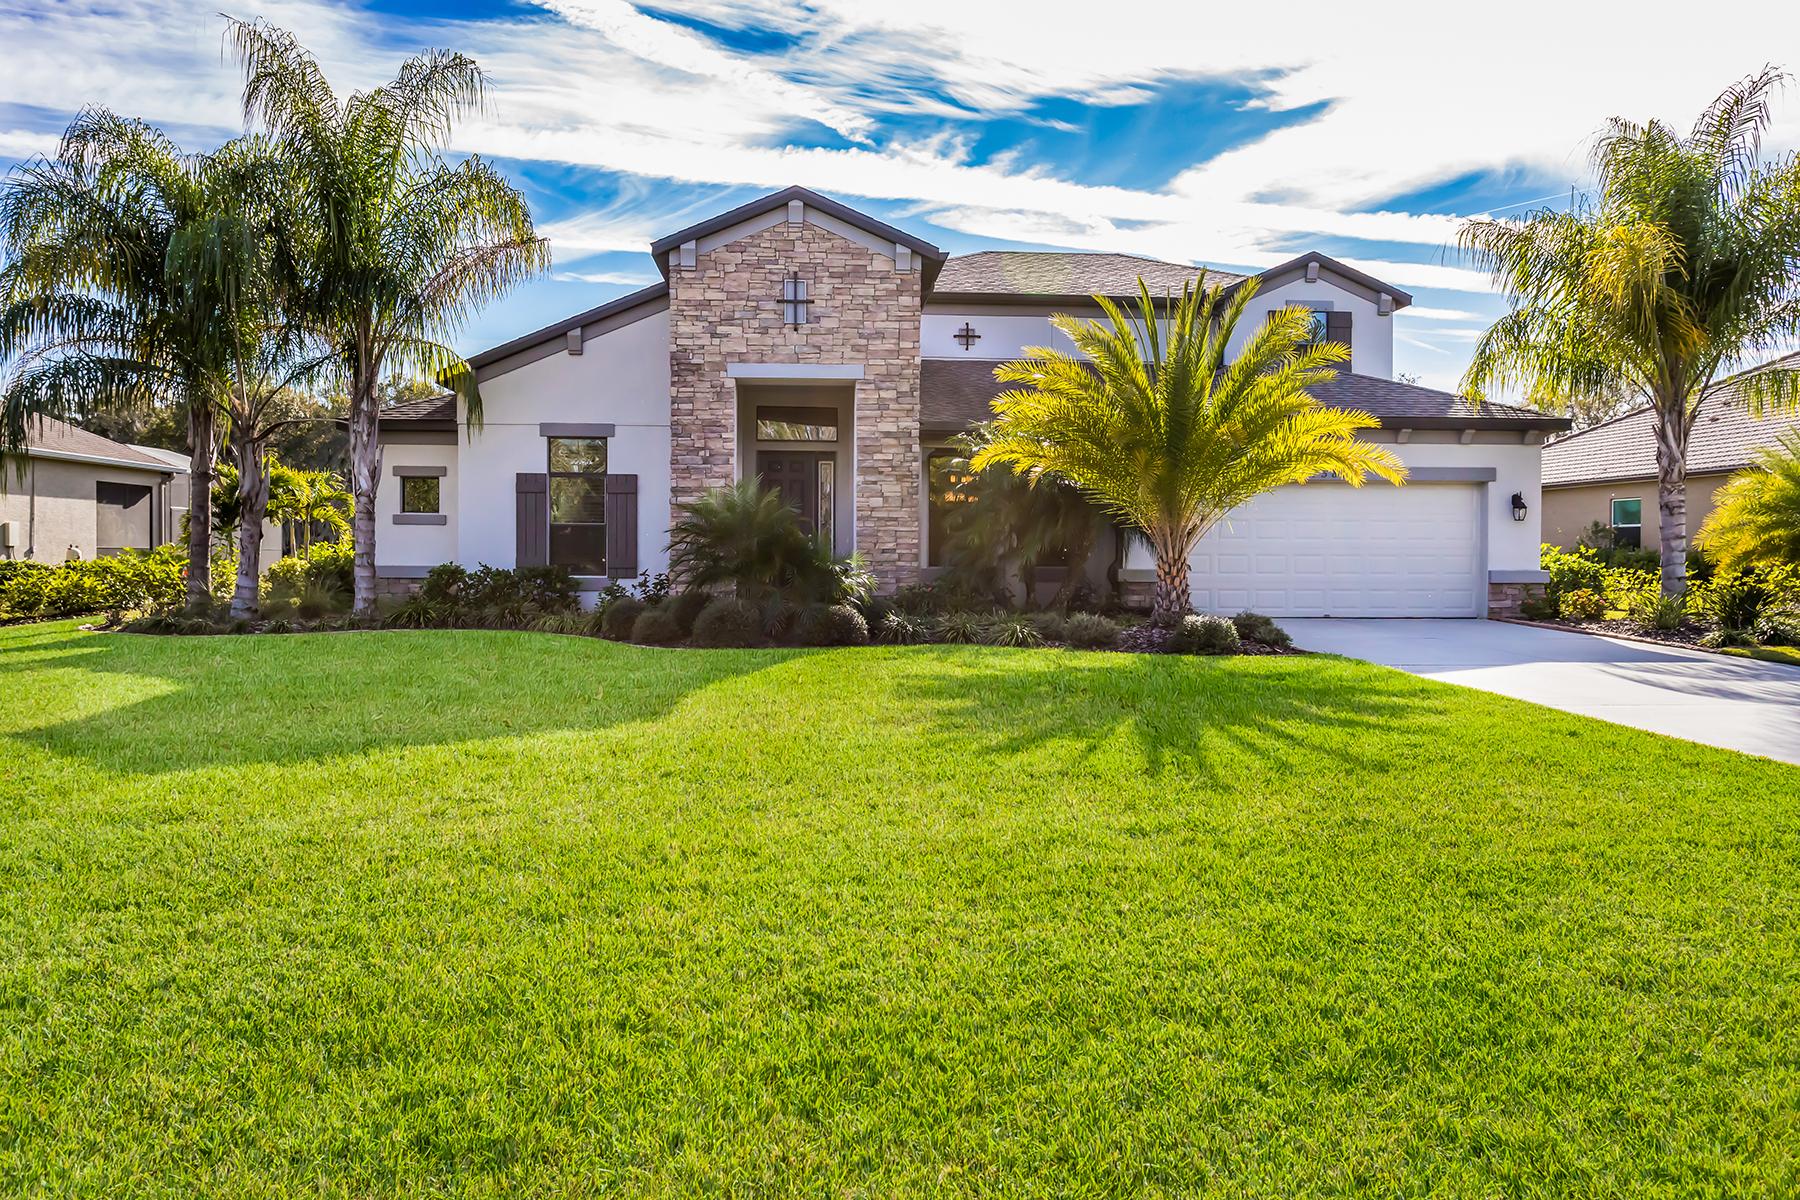 Single Family Homes para Venda às PARRISH 15815 31st St E, Parrish, Florida 34219 Estados Unidos